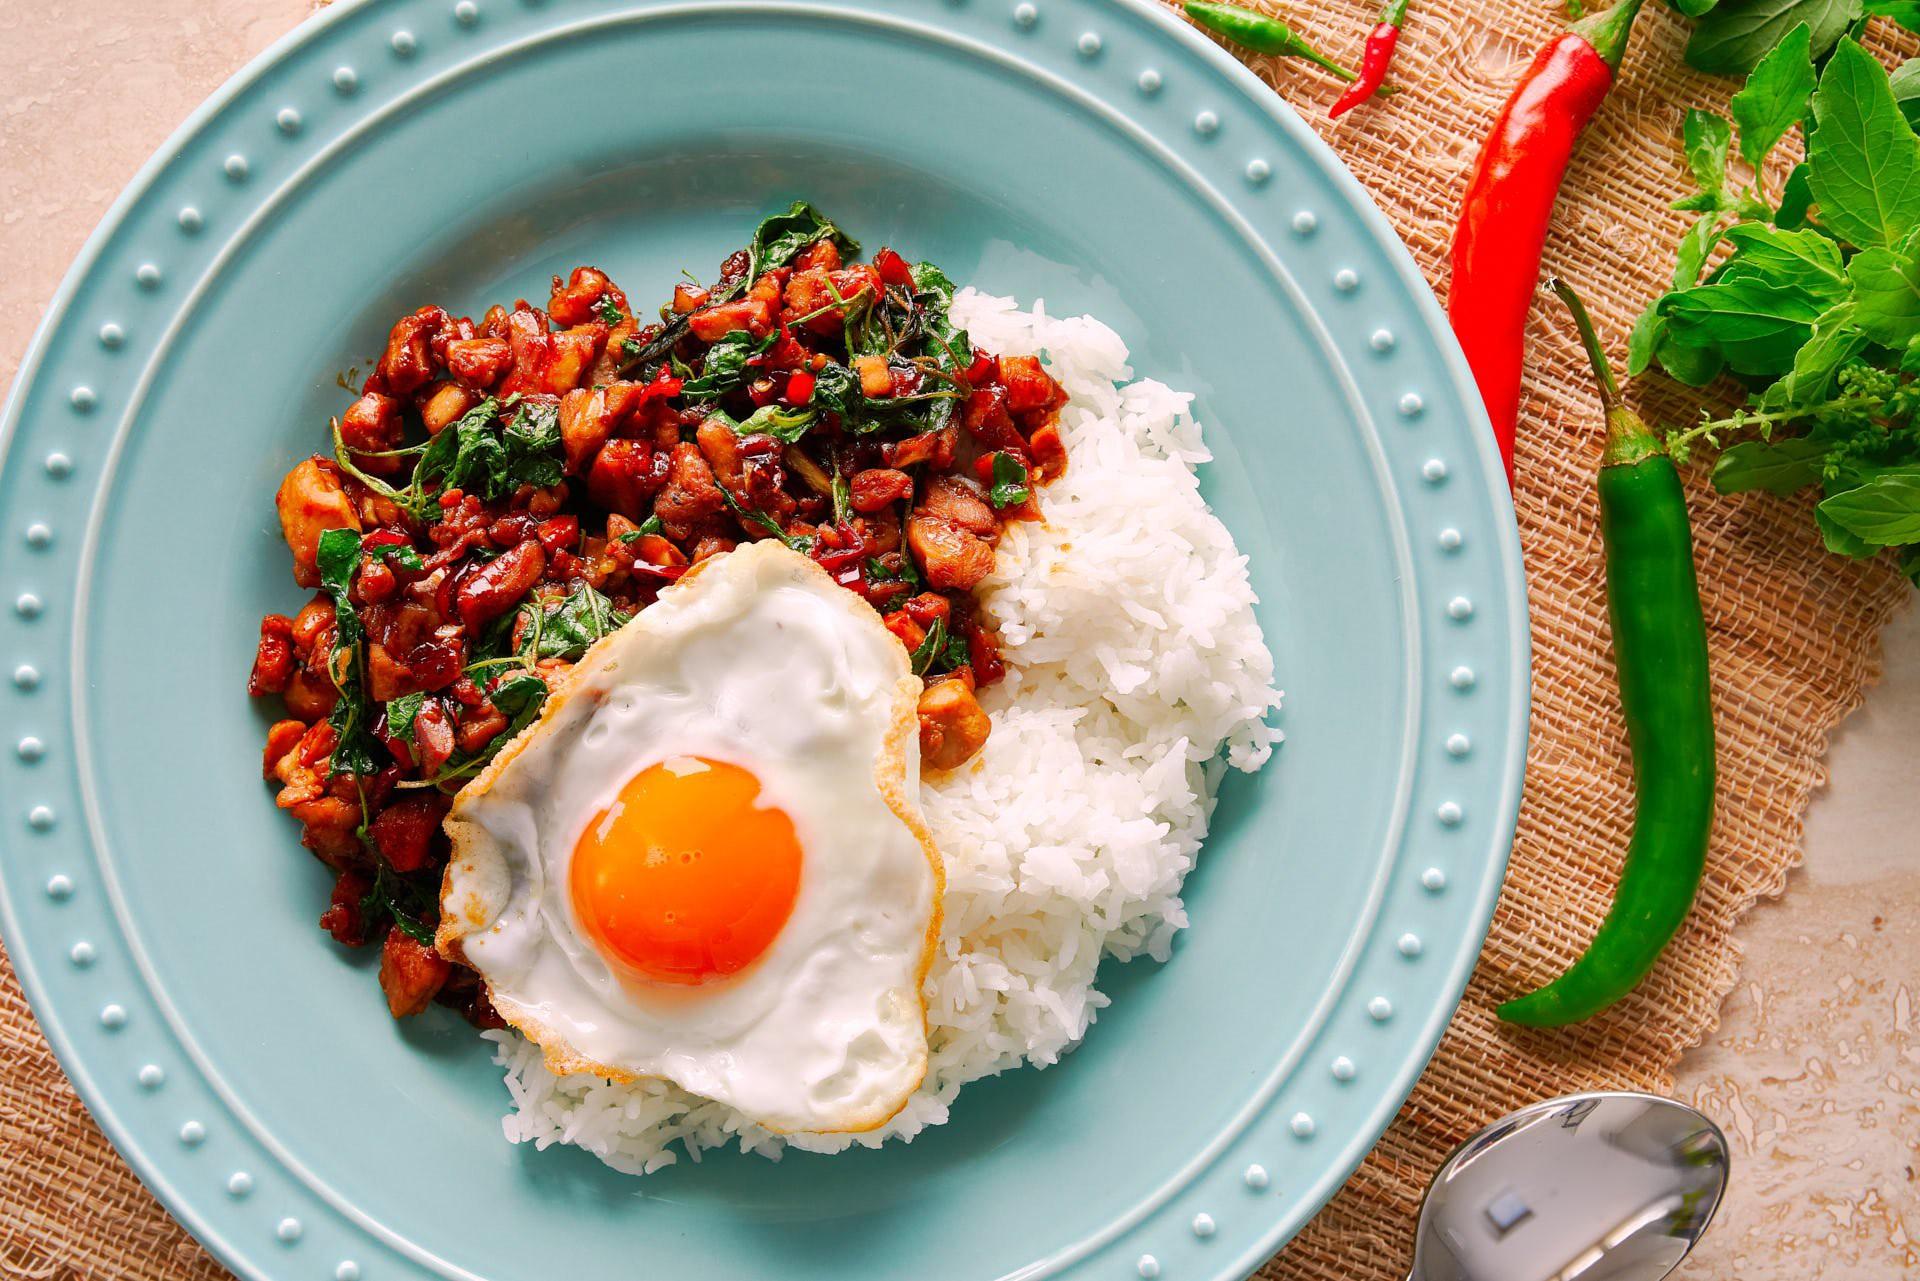 Món gà xào húng quế siêu phổ biến ở Thái Lan hóa ra chỉ cần nấu đơn giản như thế này - Ảnh 6